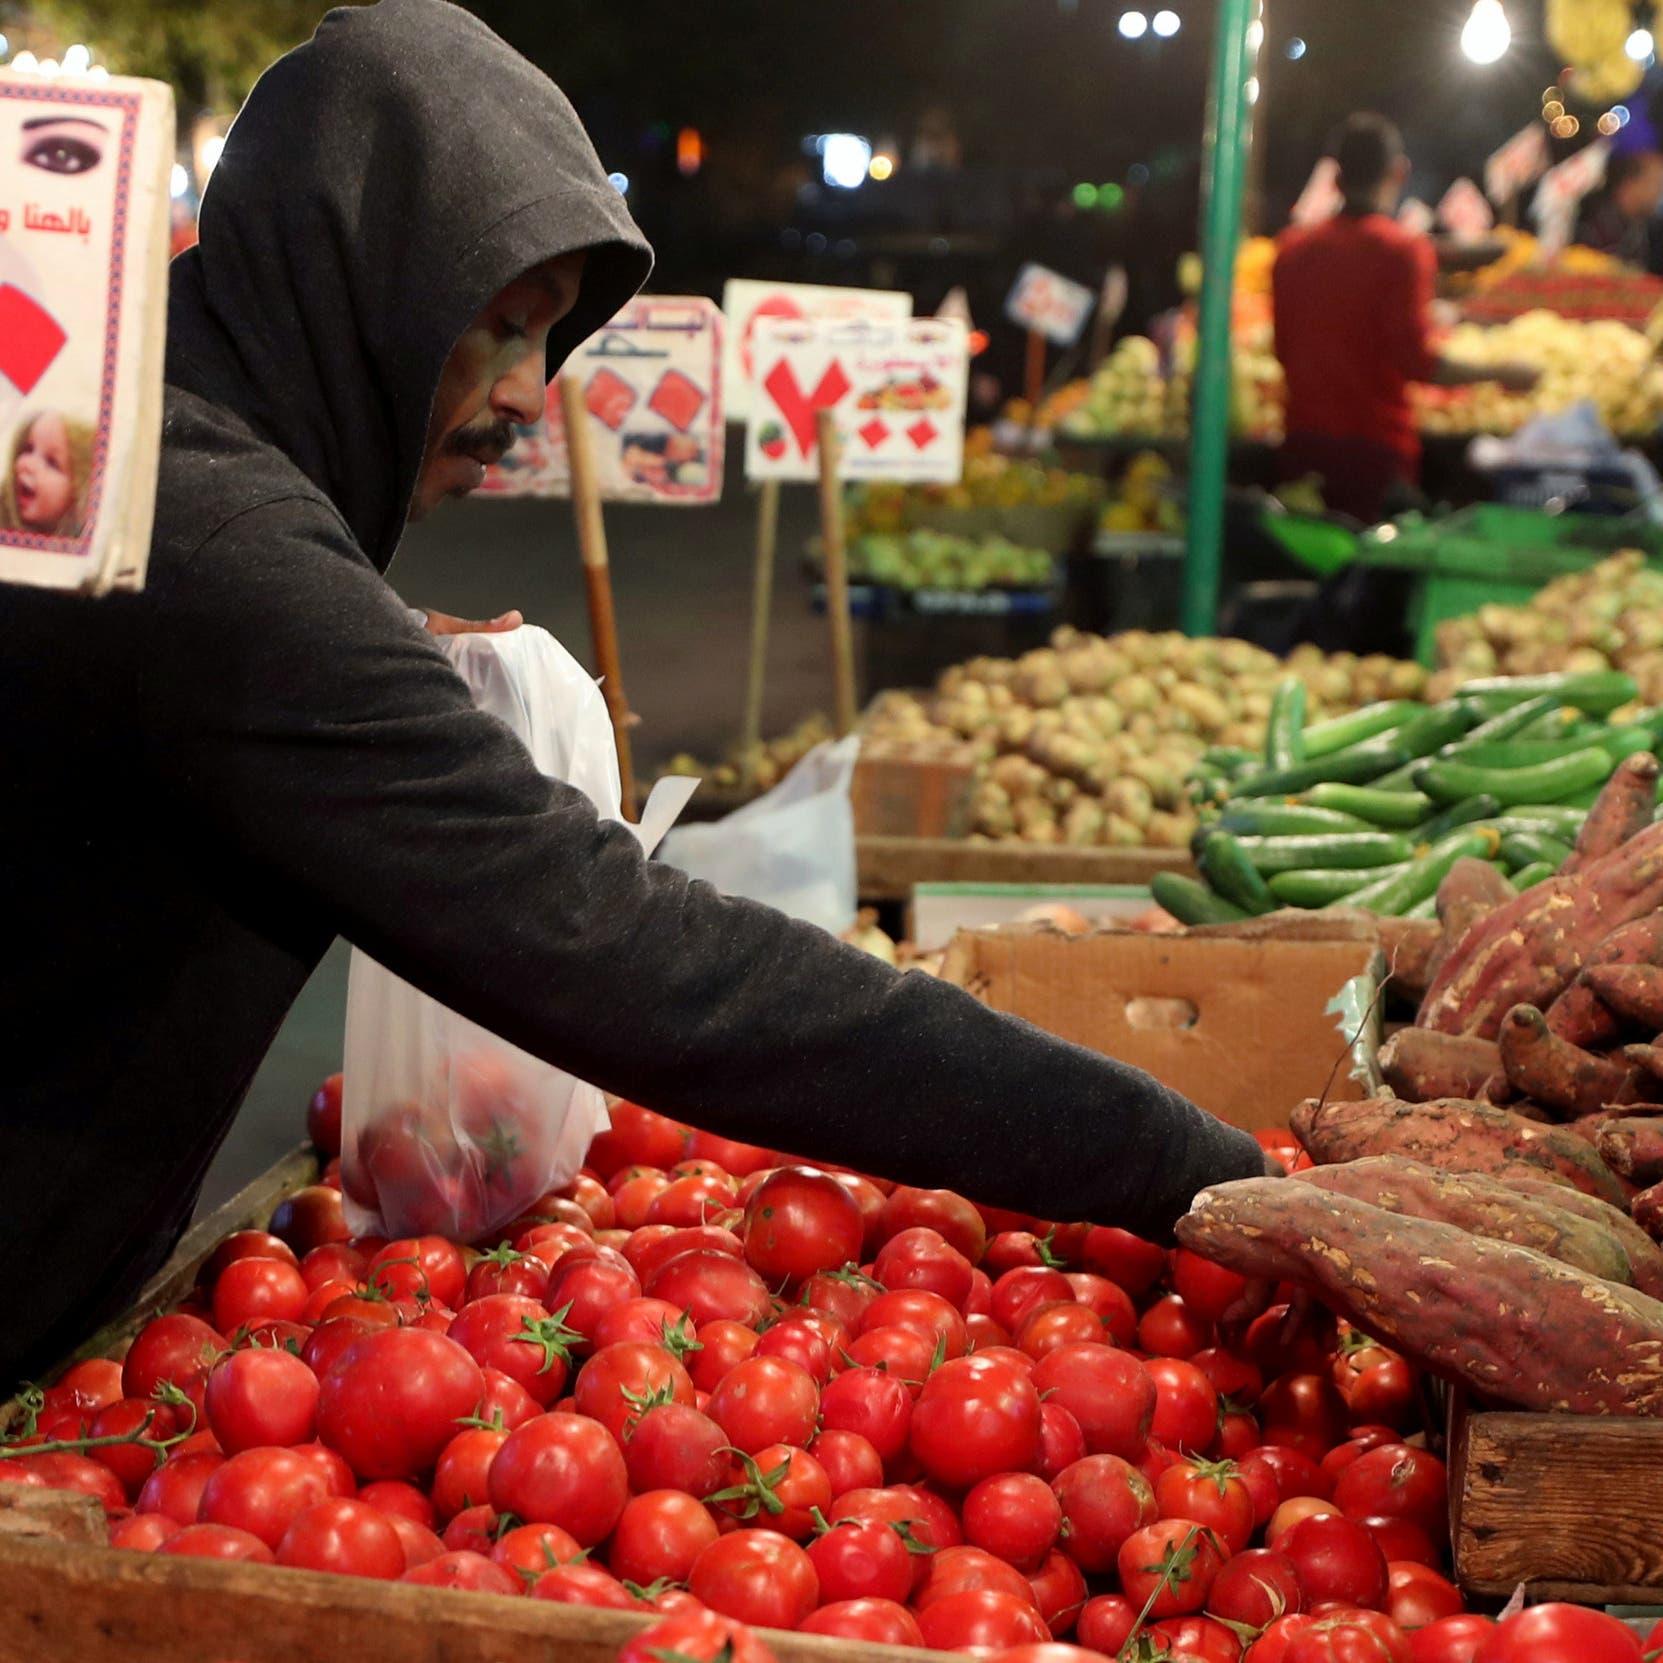 التضخم يرتفعفي المدن المصريةإلى 5.4%